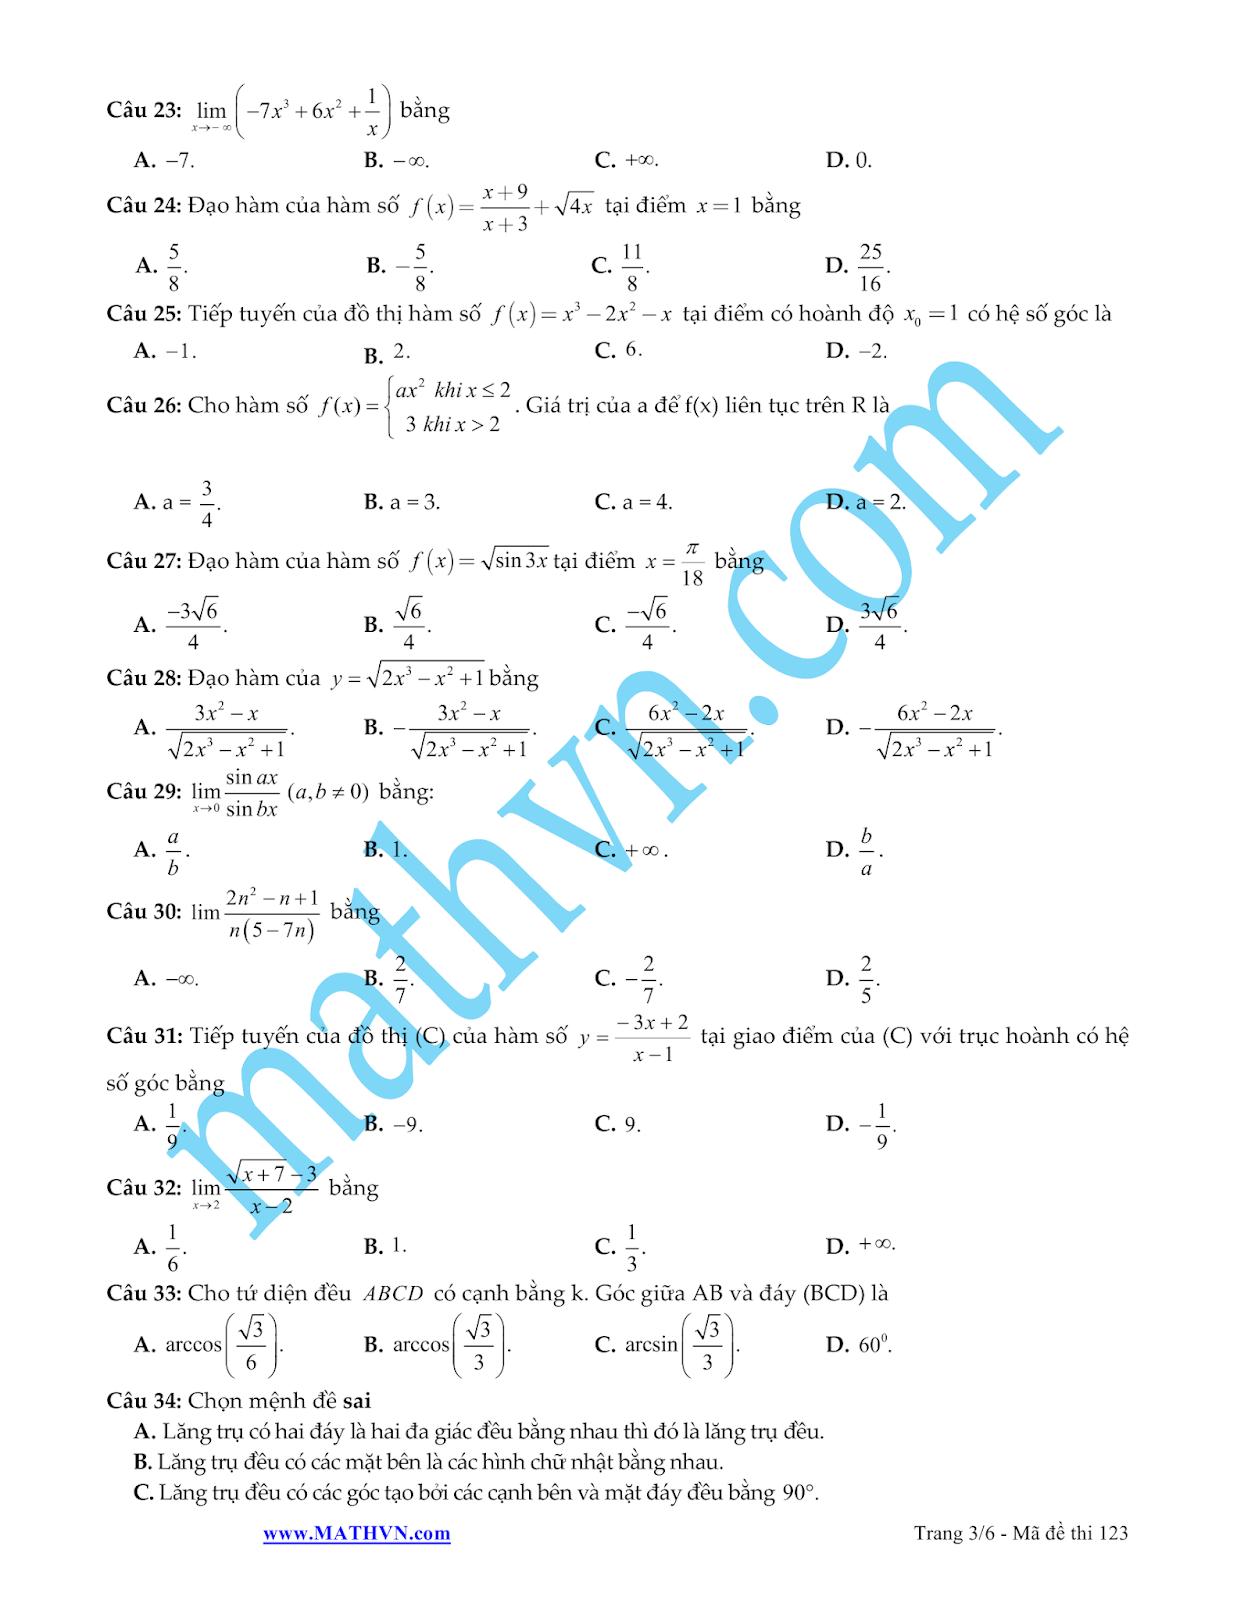 đề thi học kì 2 trắc nghiệm môn toán lớp 11 có đáp án